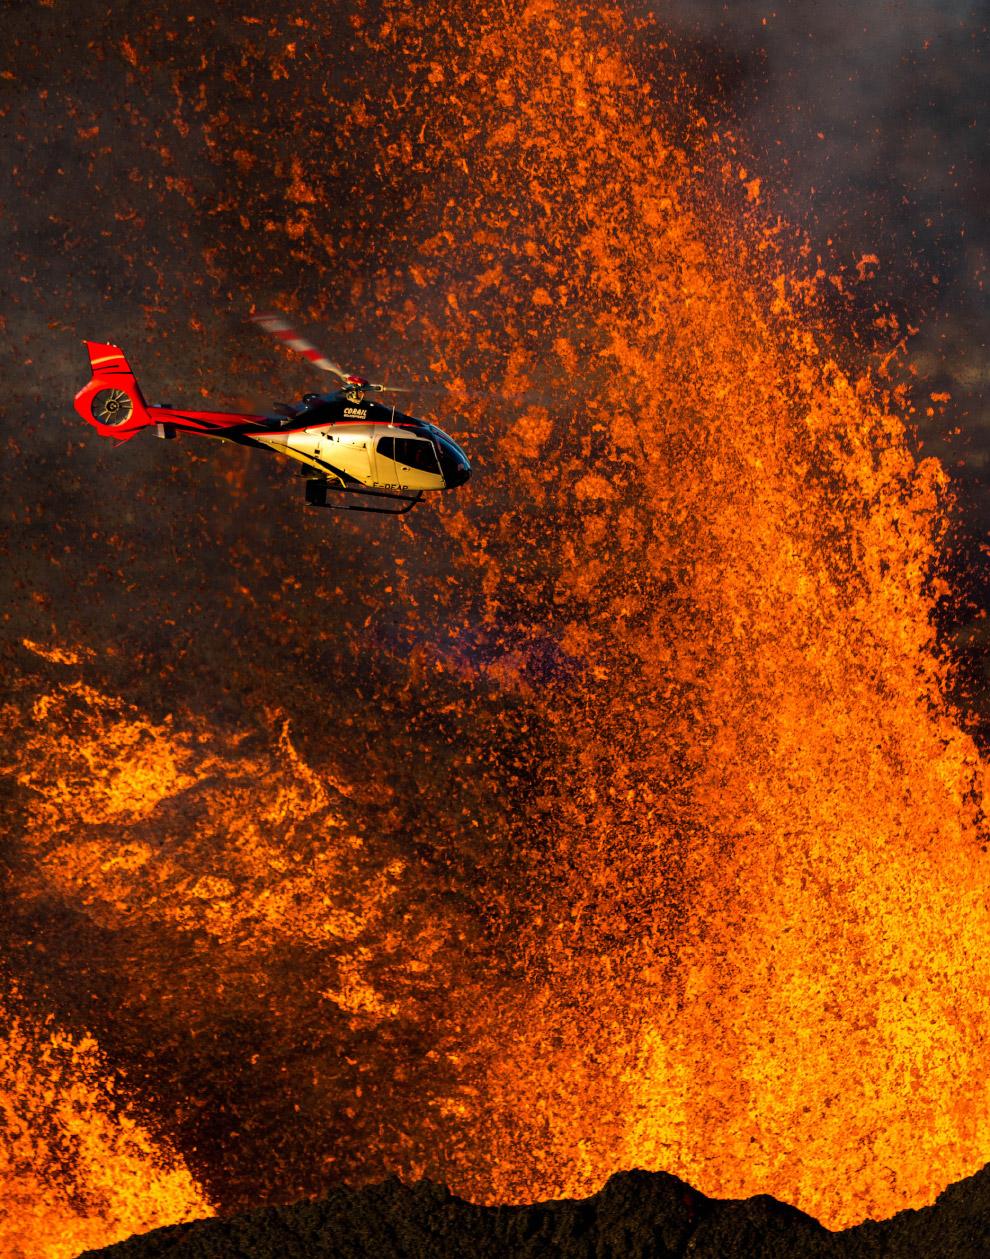 Полет над вулканом Питон-де-ла-Фурнез